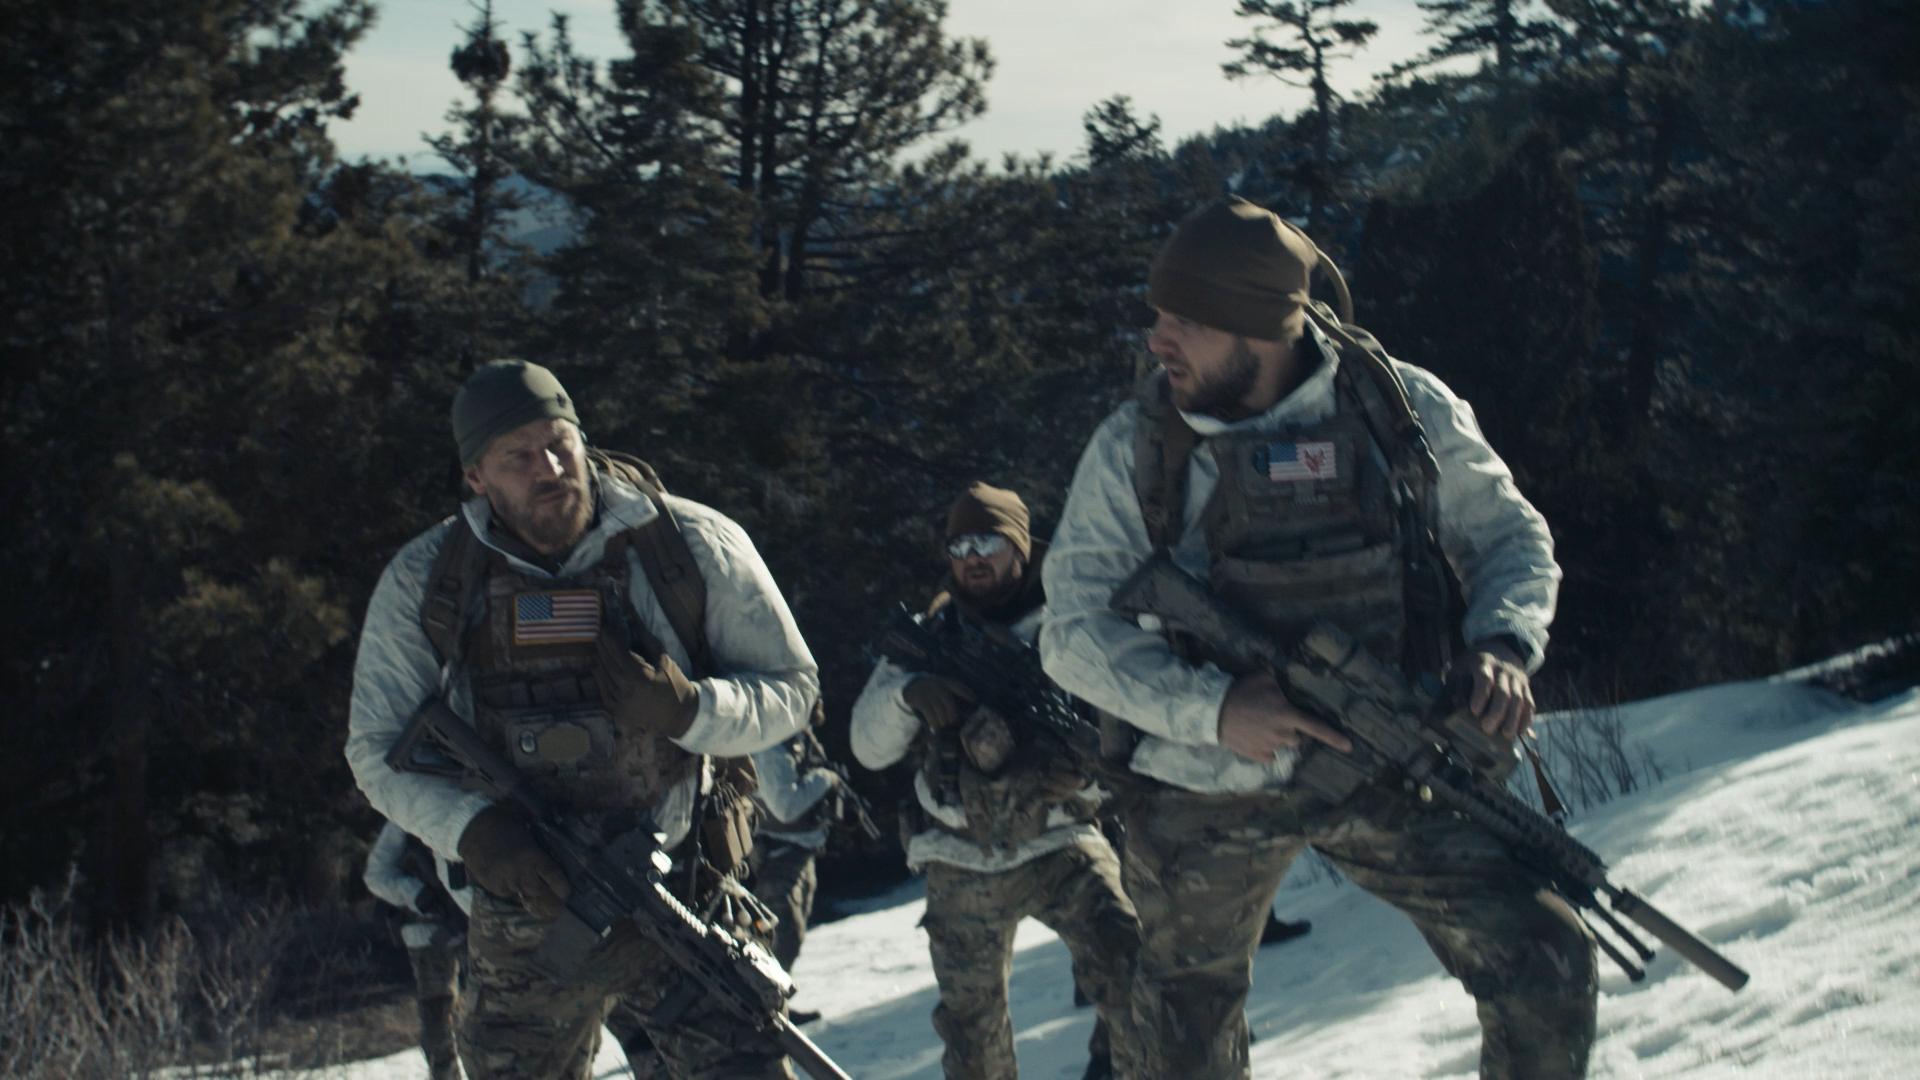 Изображение для Морские котики (Спецназ) / SEAL Team, Сезон 4, Серии 1-11 из 16 (2020-2021) WEB-DLRip 1080p (кликните для просмотра полного изображения)